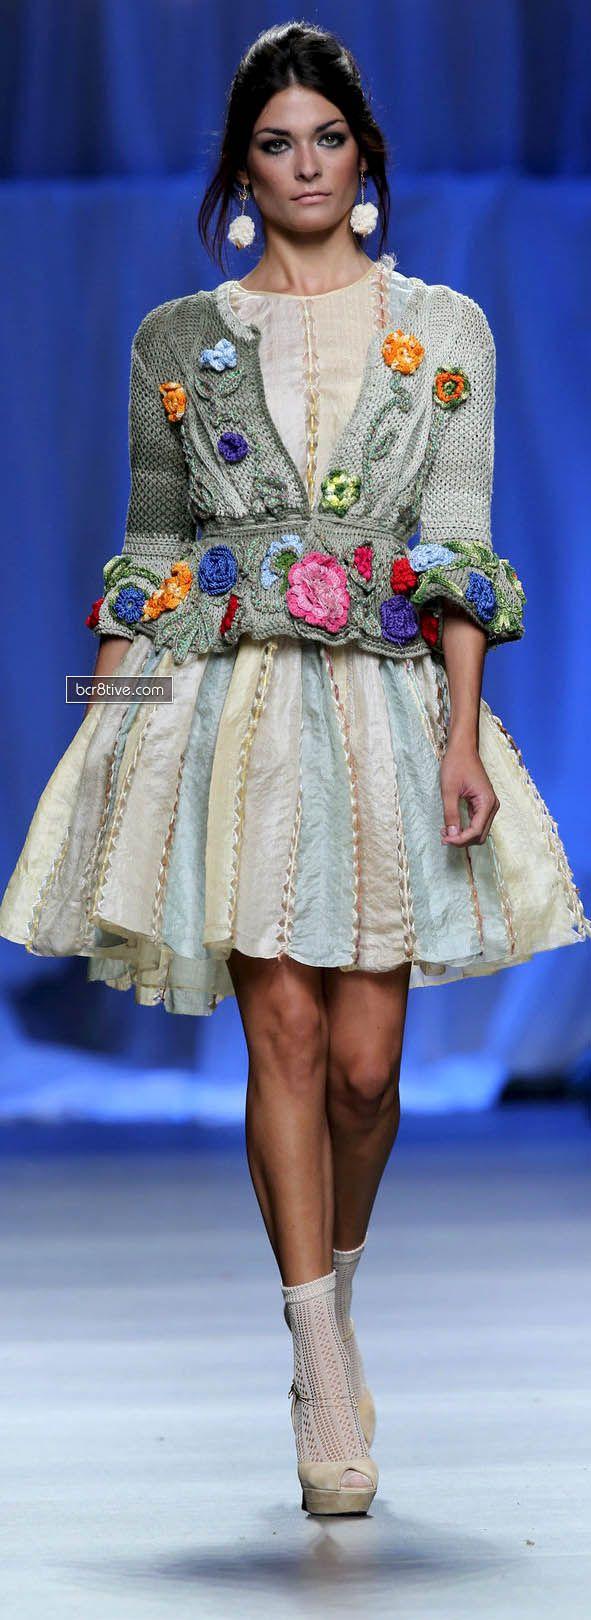 Francis Montesinos 2013 | bcr8tive de jurk niet, maat het vestje wel...